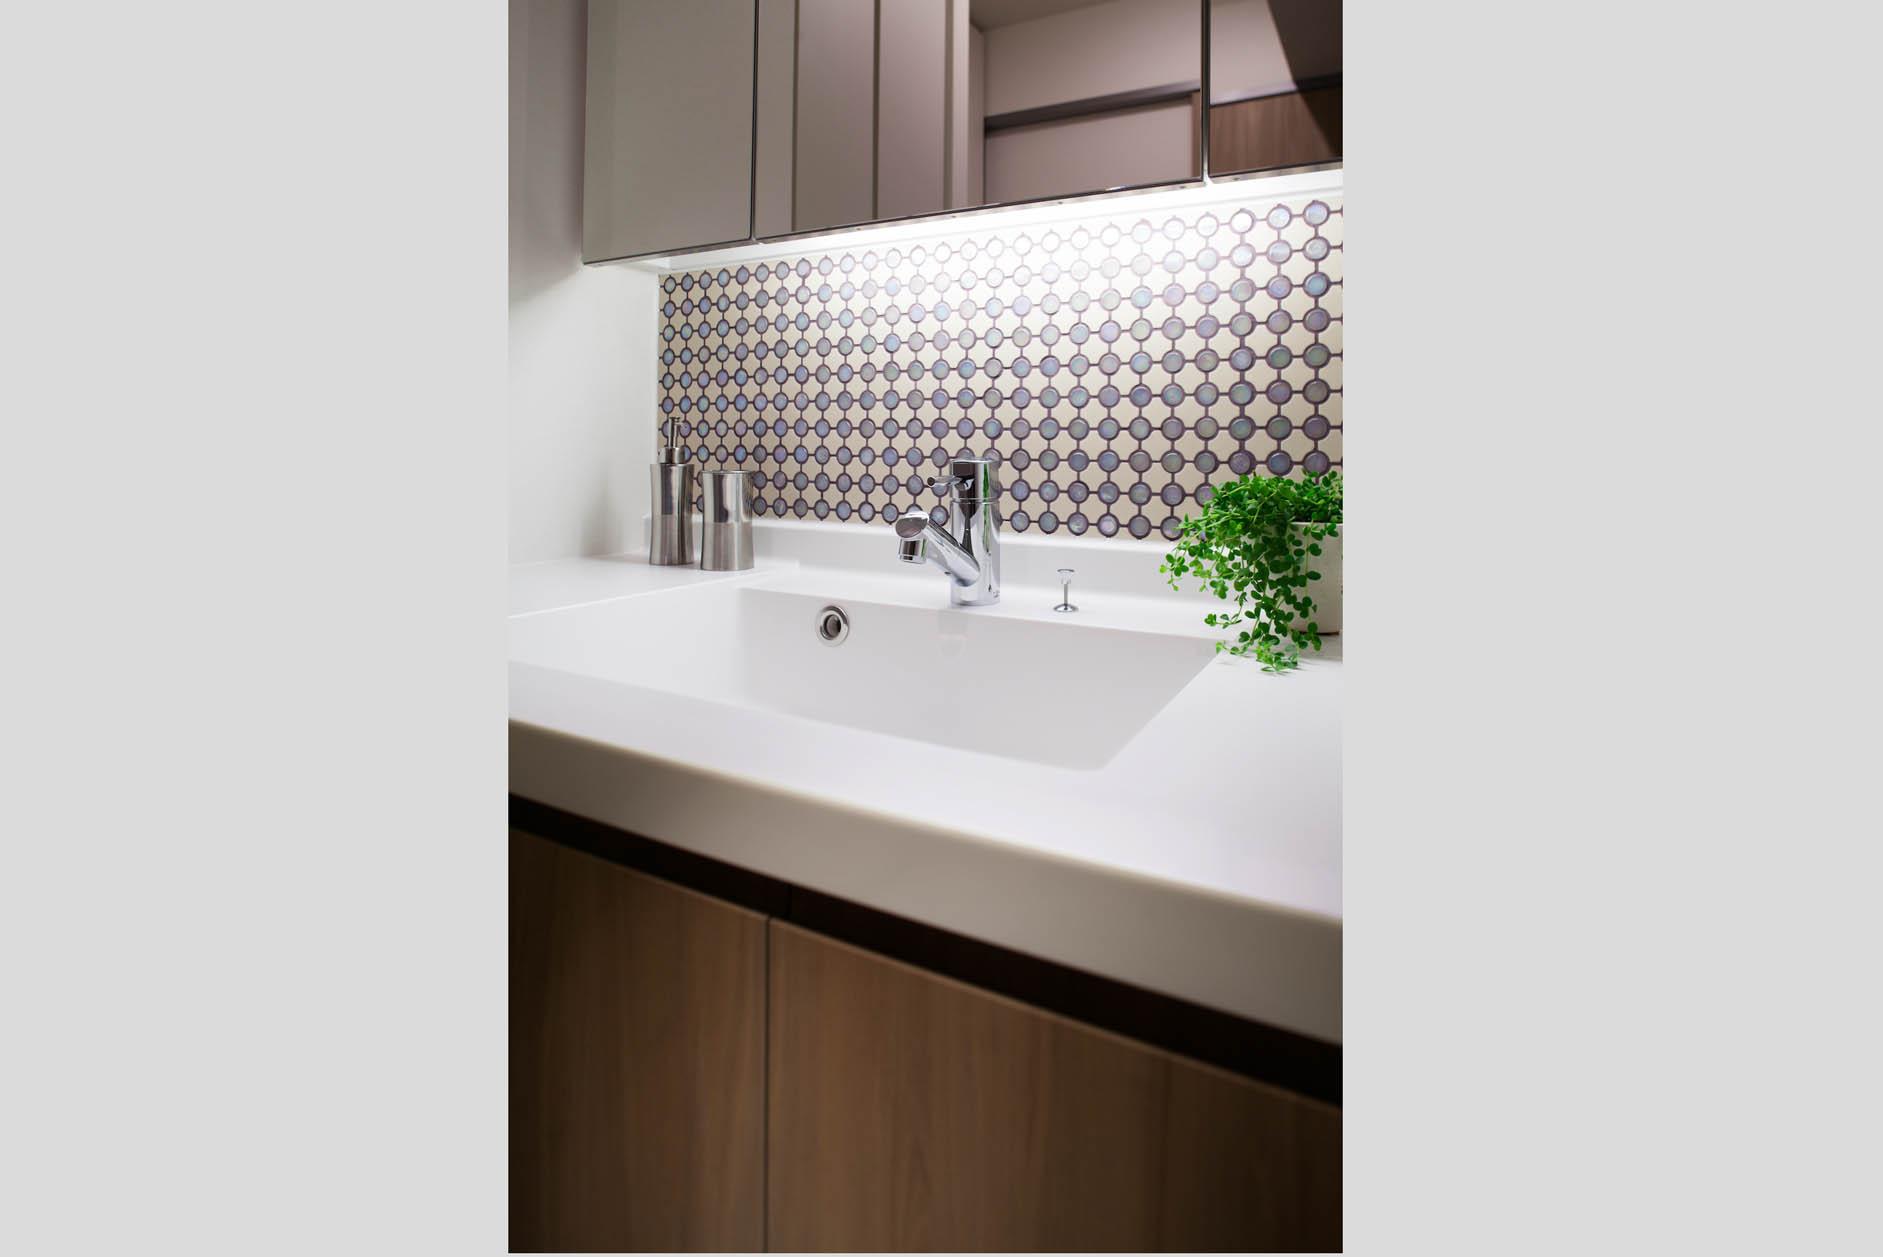 デザインタイルと間接照明付きの洗面化粧台。 イメージ